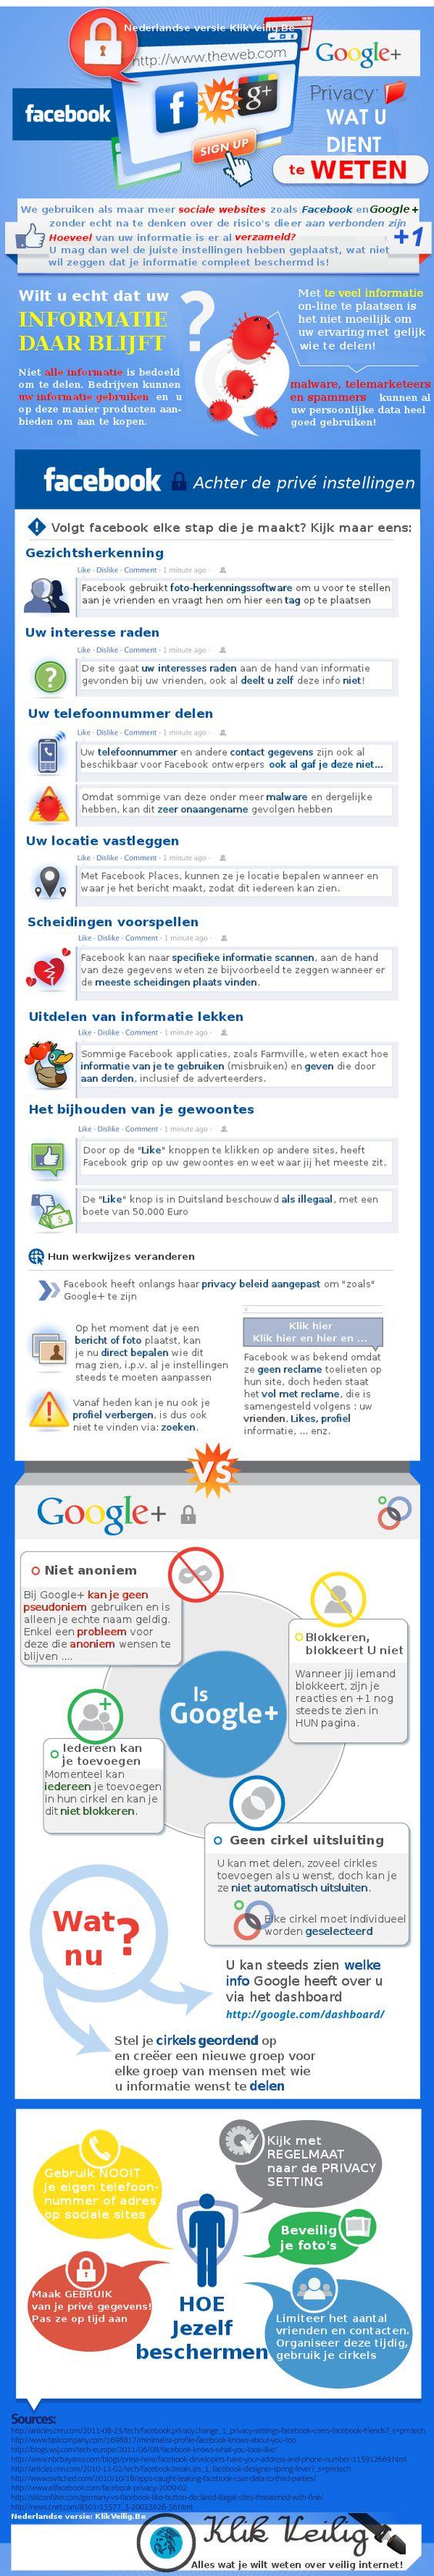 Facebook versus Google+ infographic - Media en #Technologie in het #Onderwijs | Peter Lakeman | #privacy